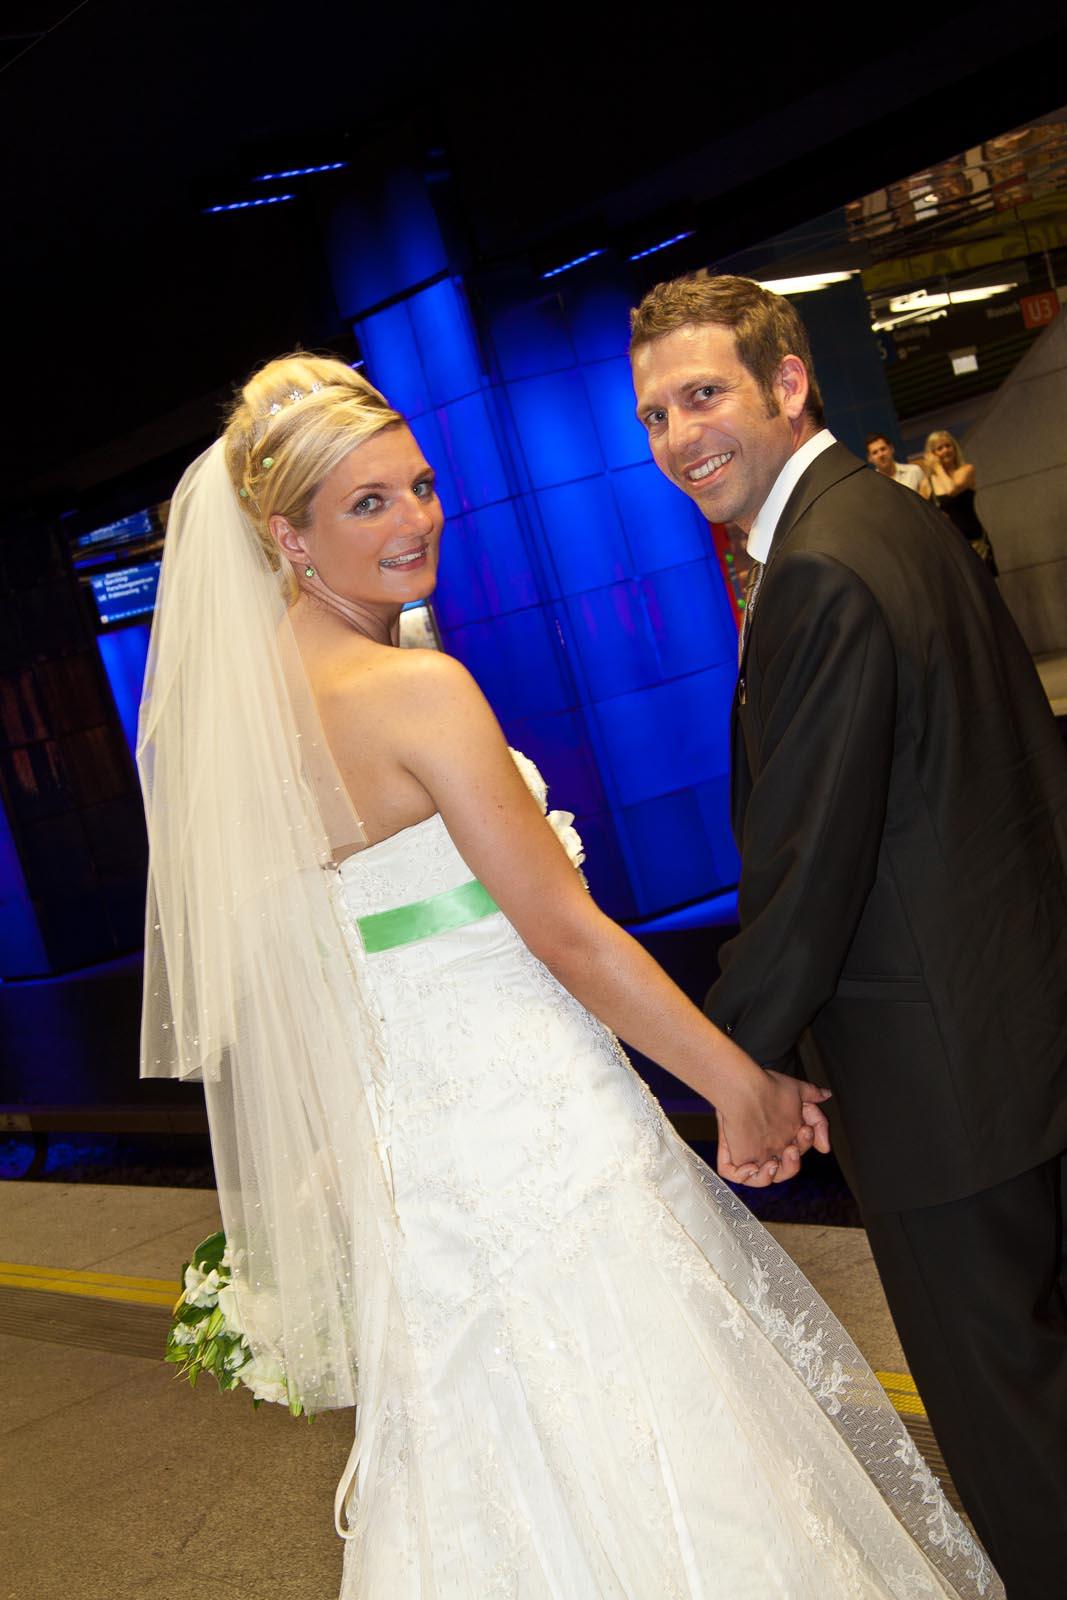 Hochzeitsportraits-Bindl-Hochzeitsportraits-Bindl-8891.jpg